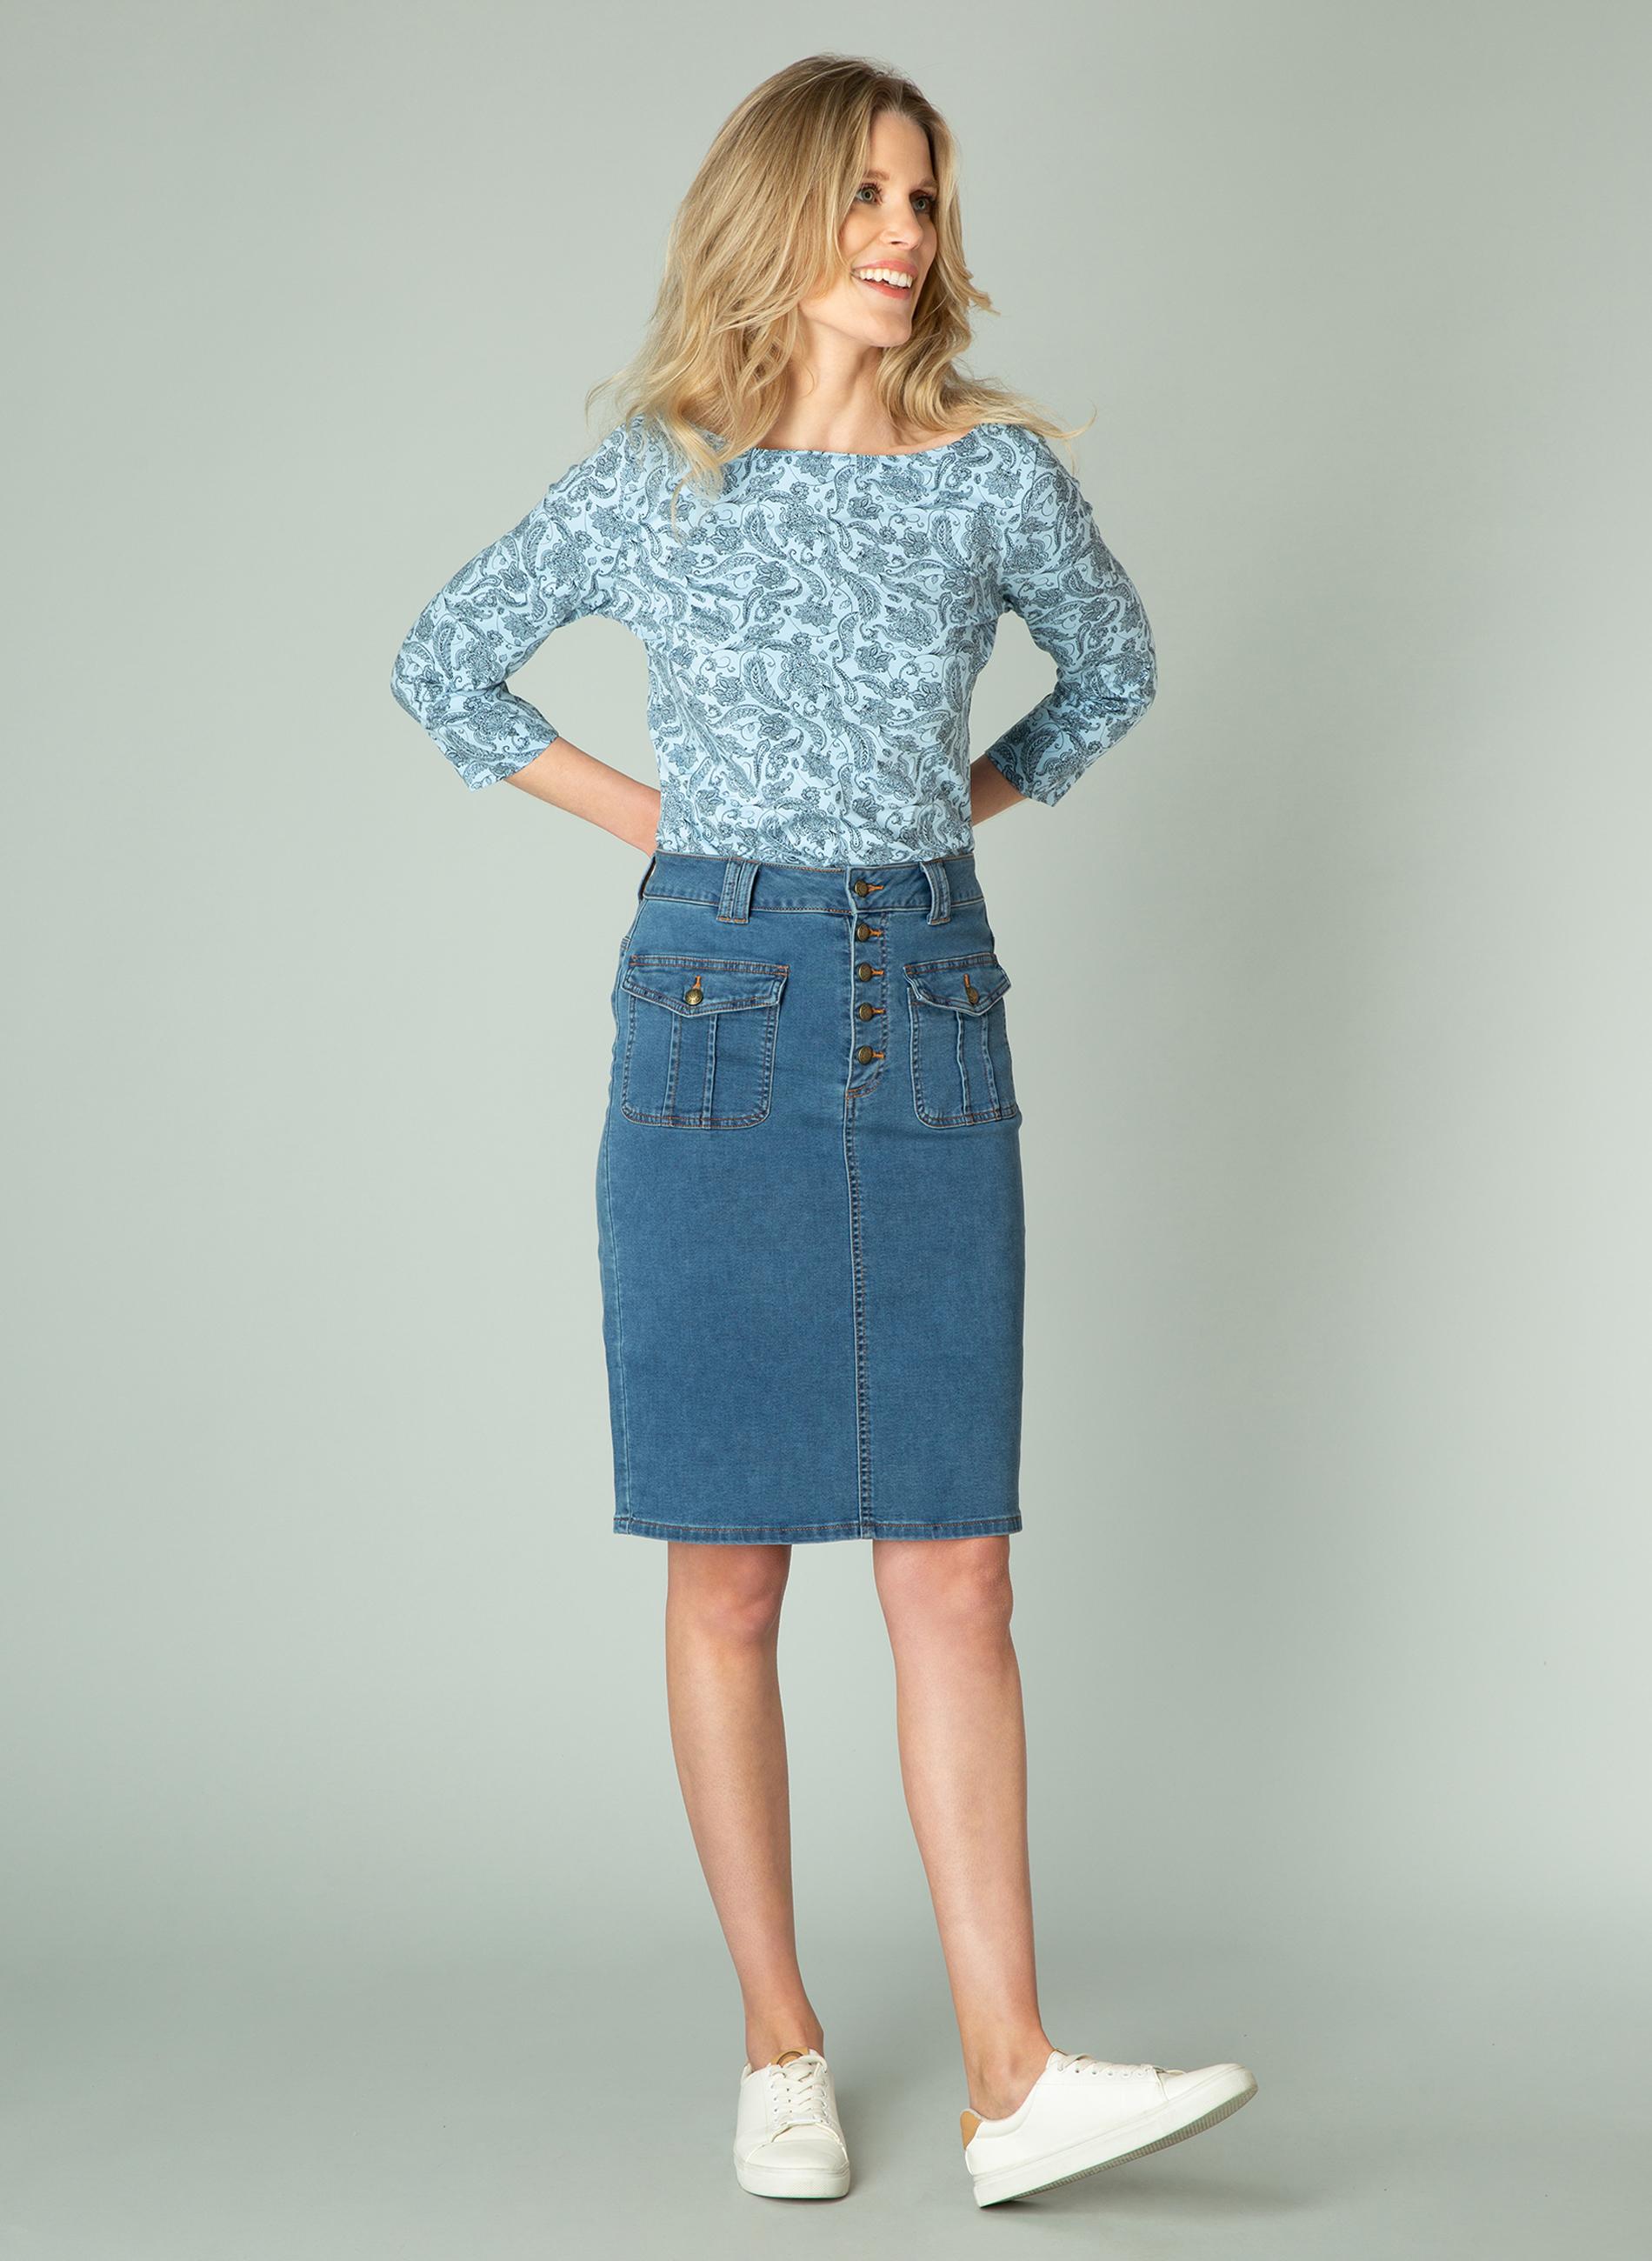 Yest Shirt Gracelyn 62 cm